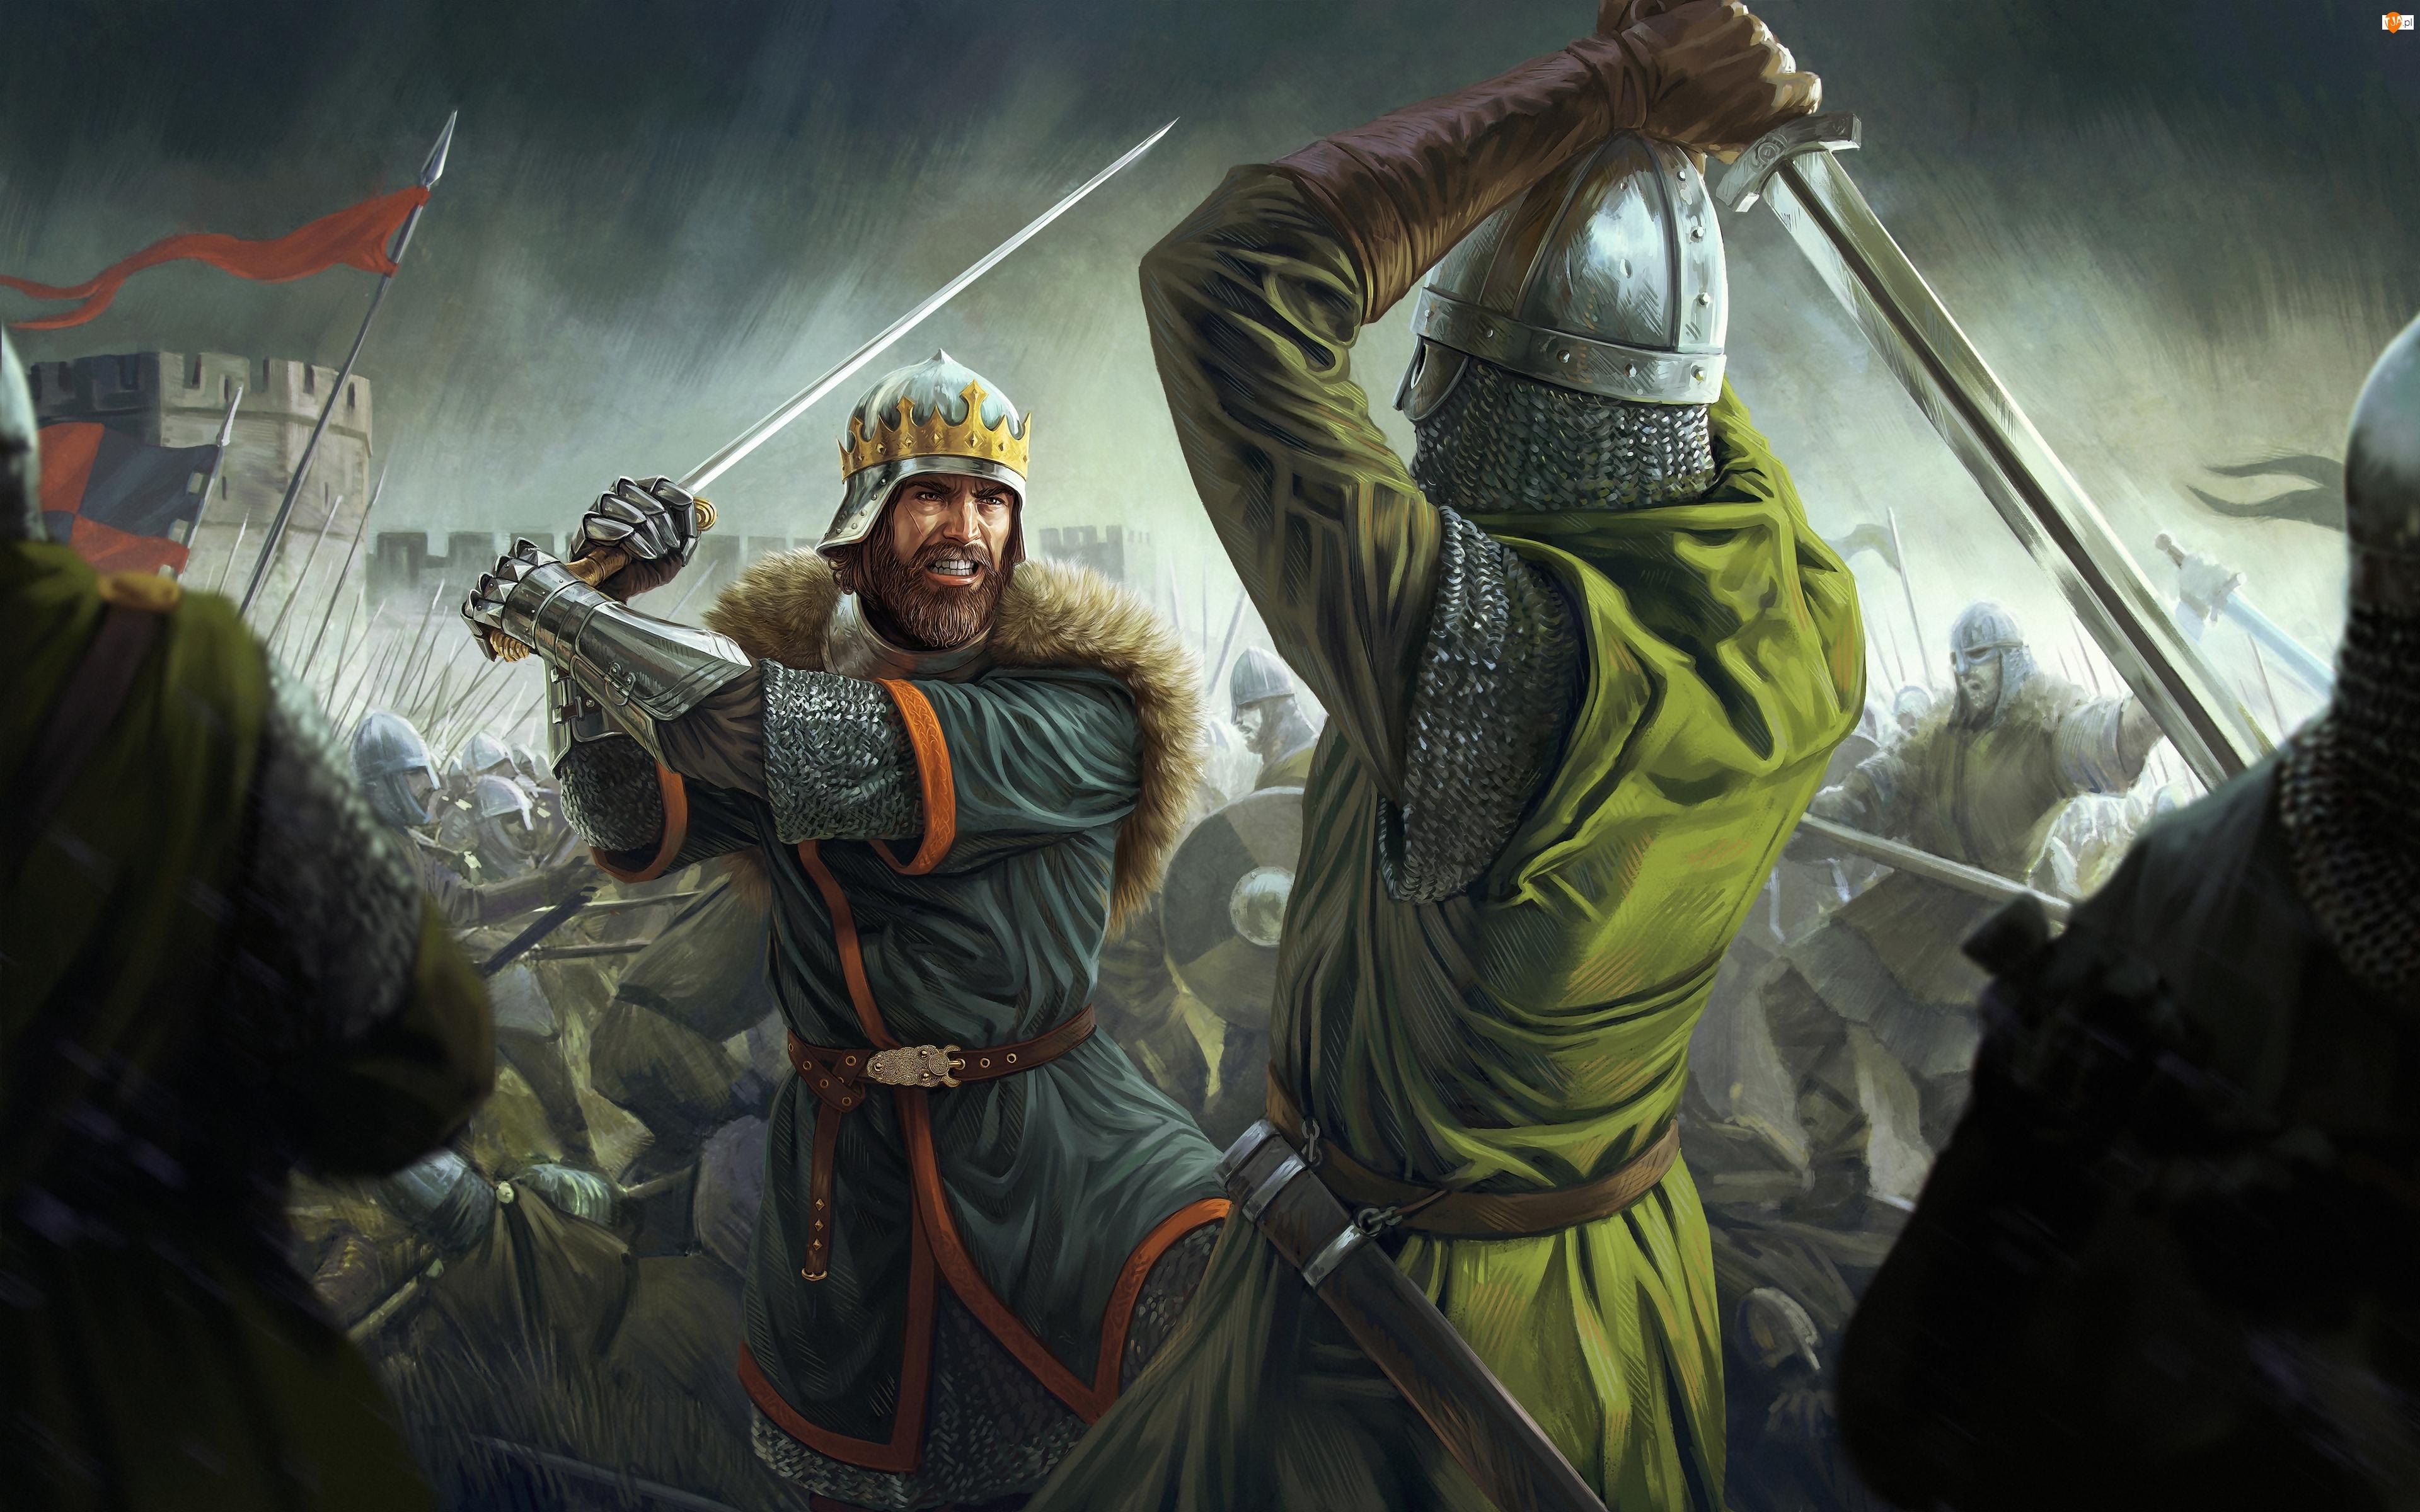 Walka, Gra, Total War Battles Kingdom, Postacie